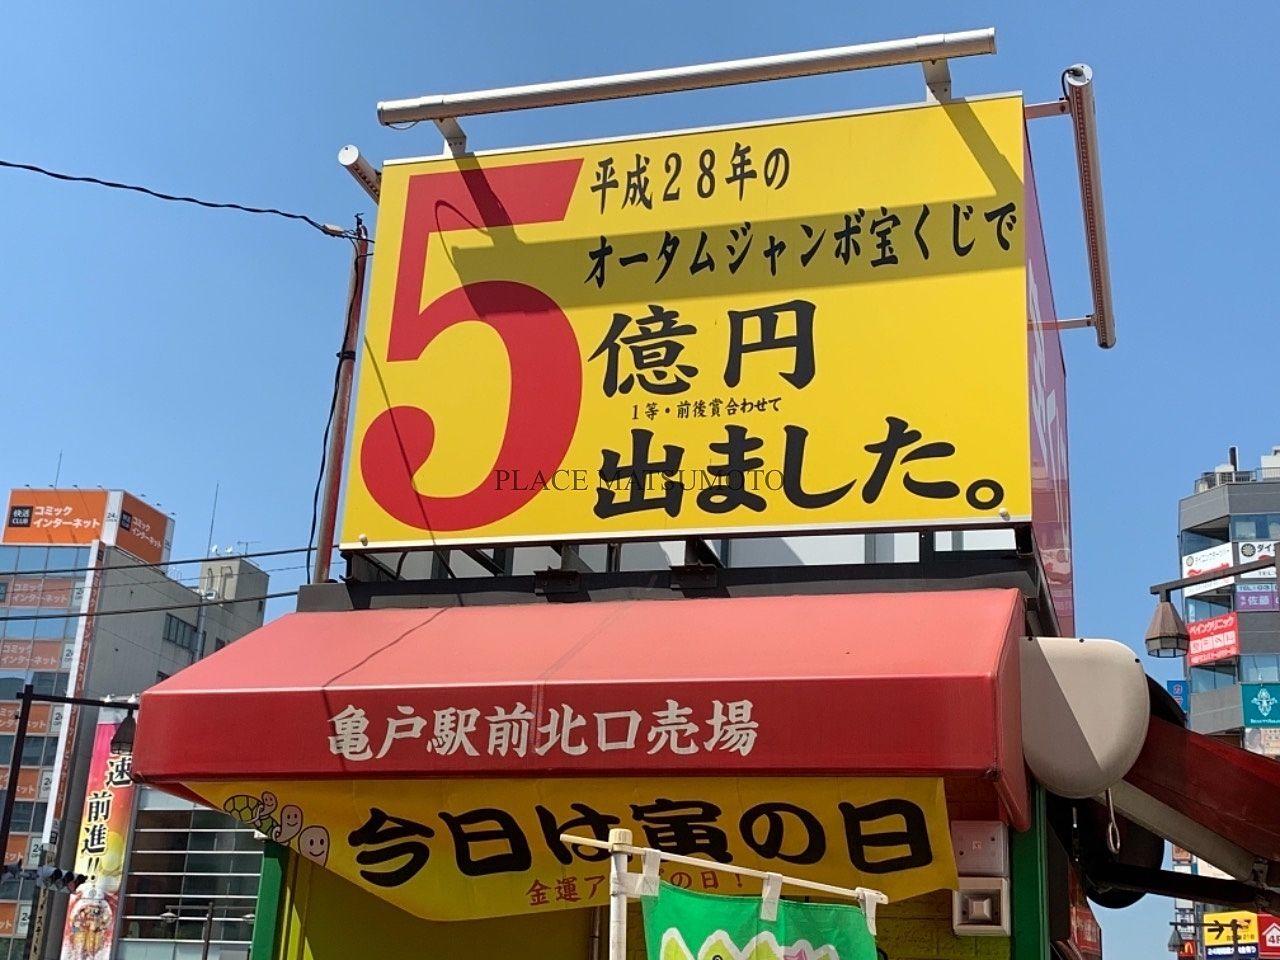 5億円出ました 宝くじ亀戸駅前北口売場の実績看板